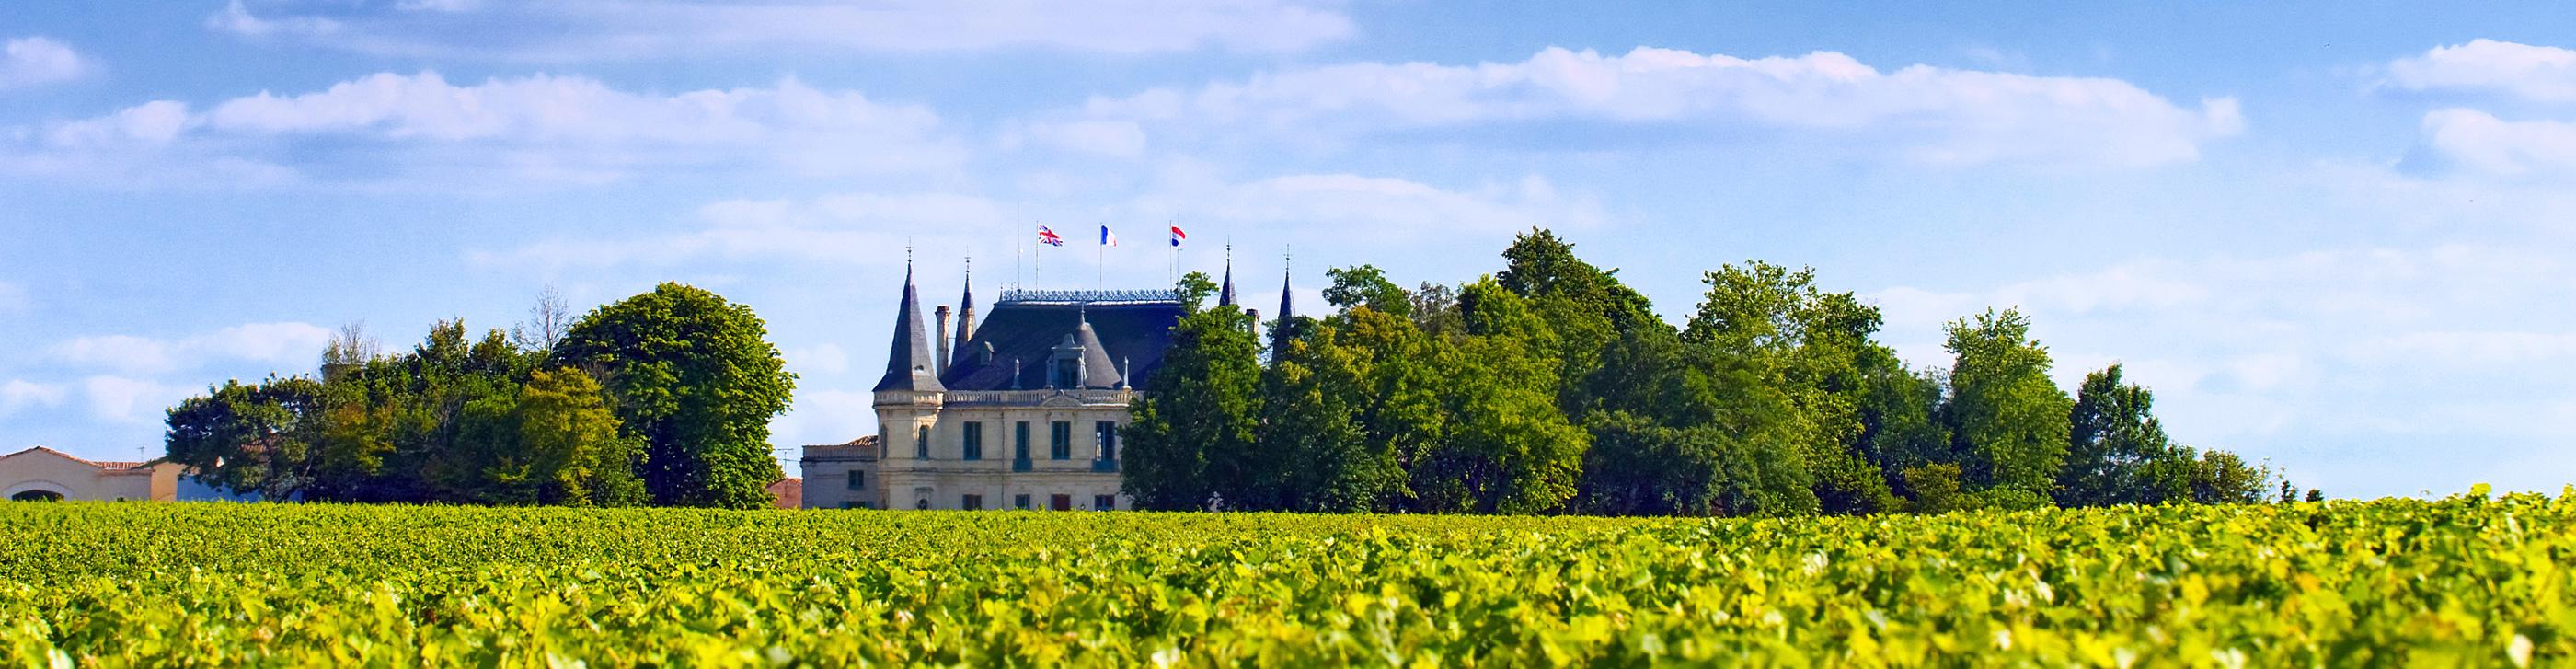 Photograph of Brilliant Bordeaux